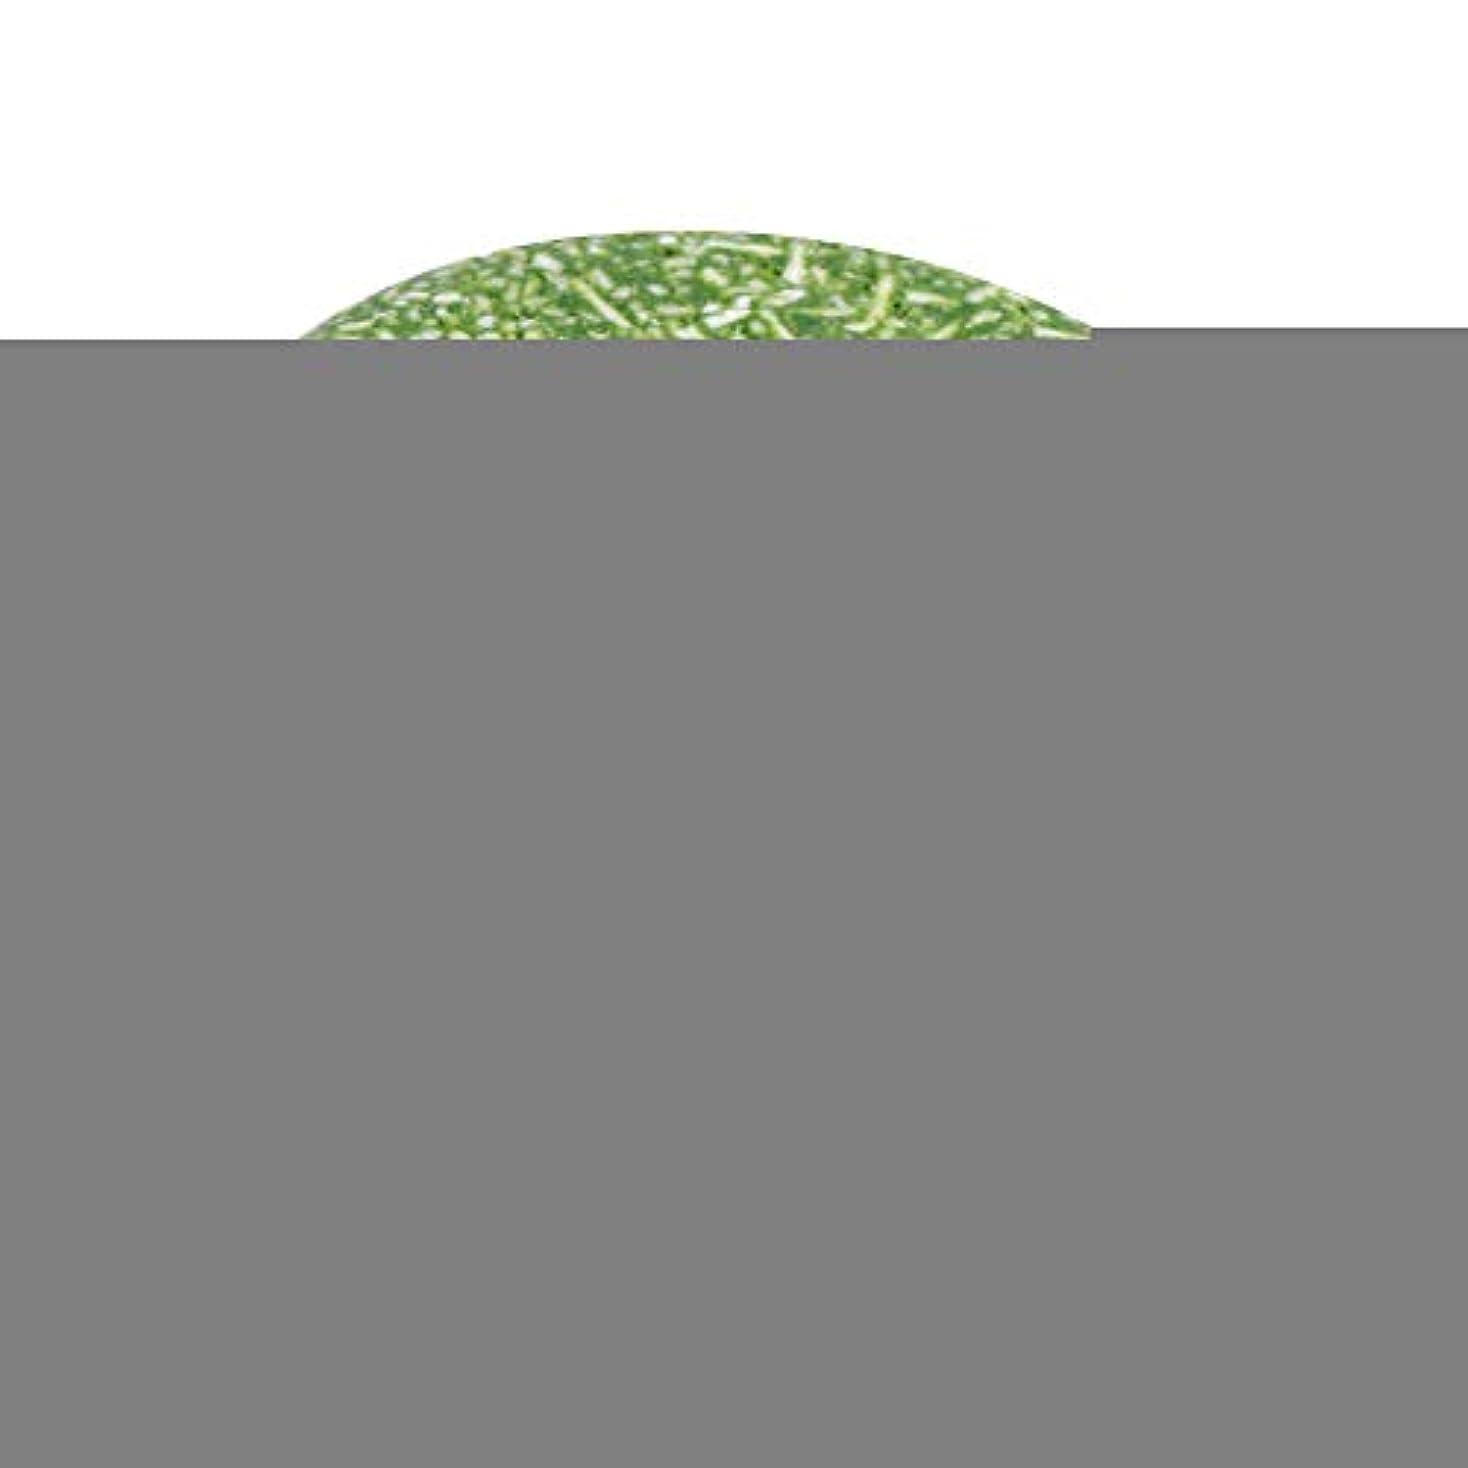 はっきりしないシュート欲望4色オーガニック手作りコールド加工シナモンシャンプーバー100%ピュアヘアシャンプー(緑)